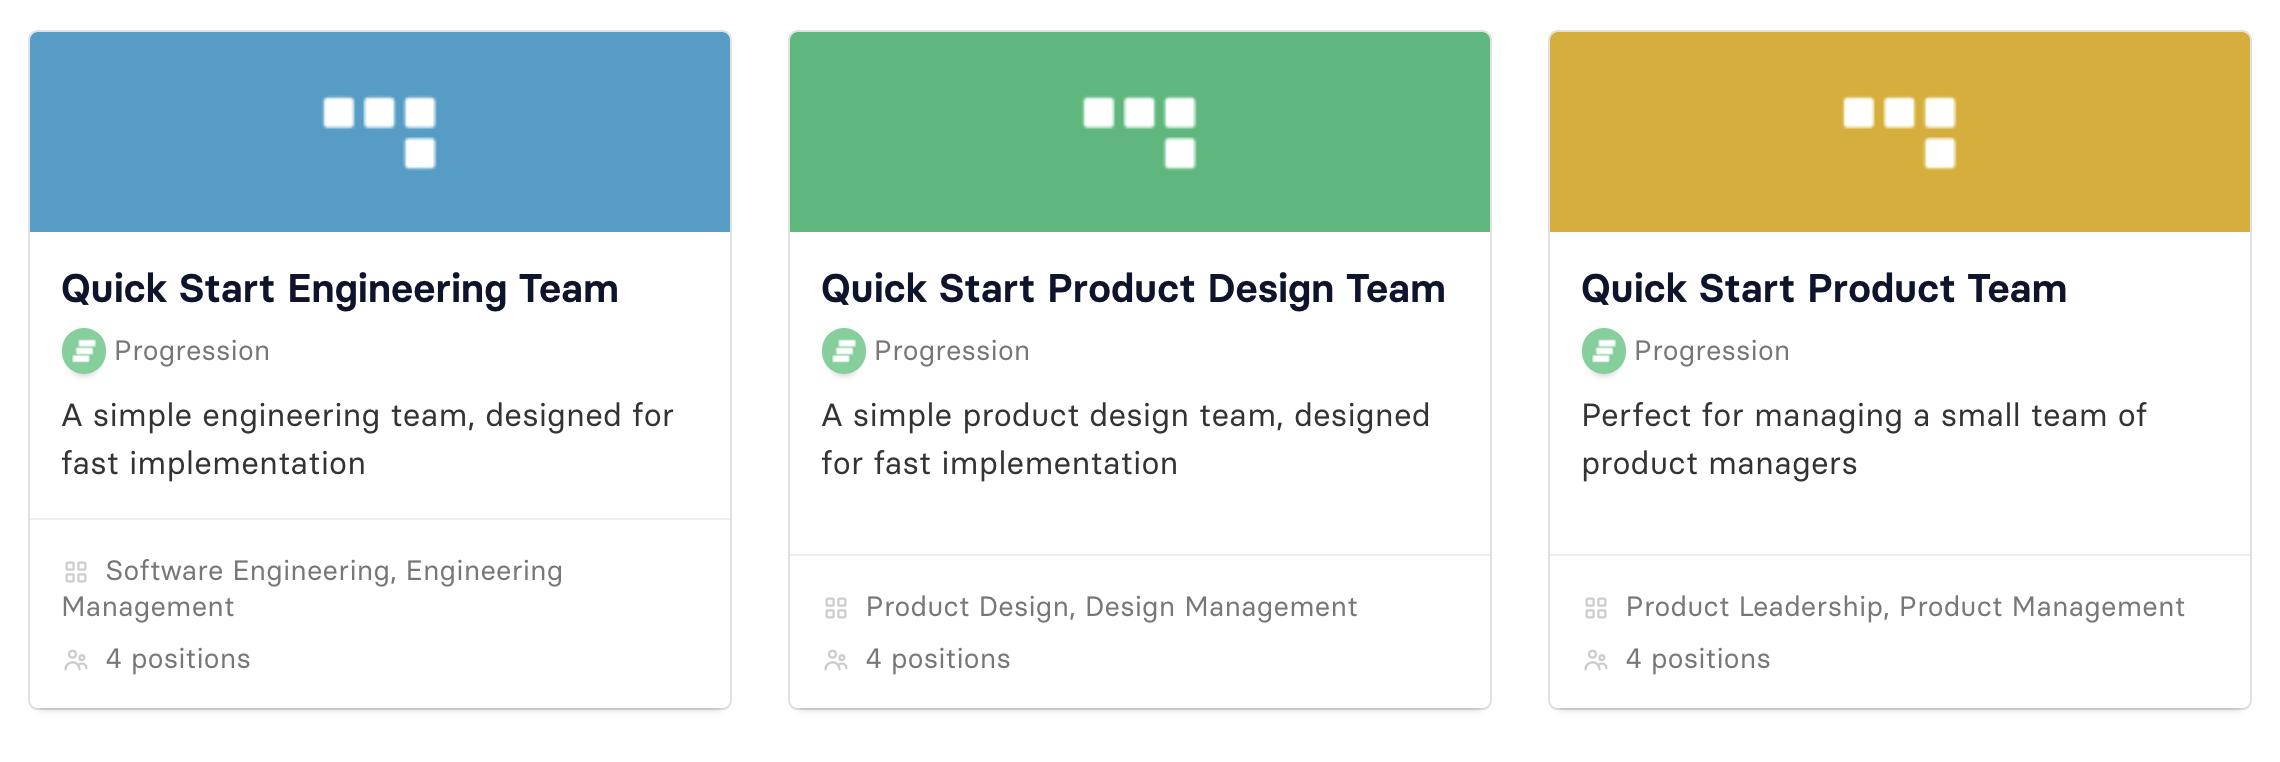 Quick-start frameworks